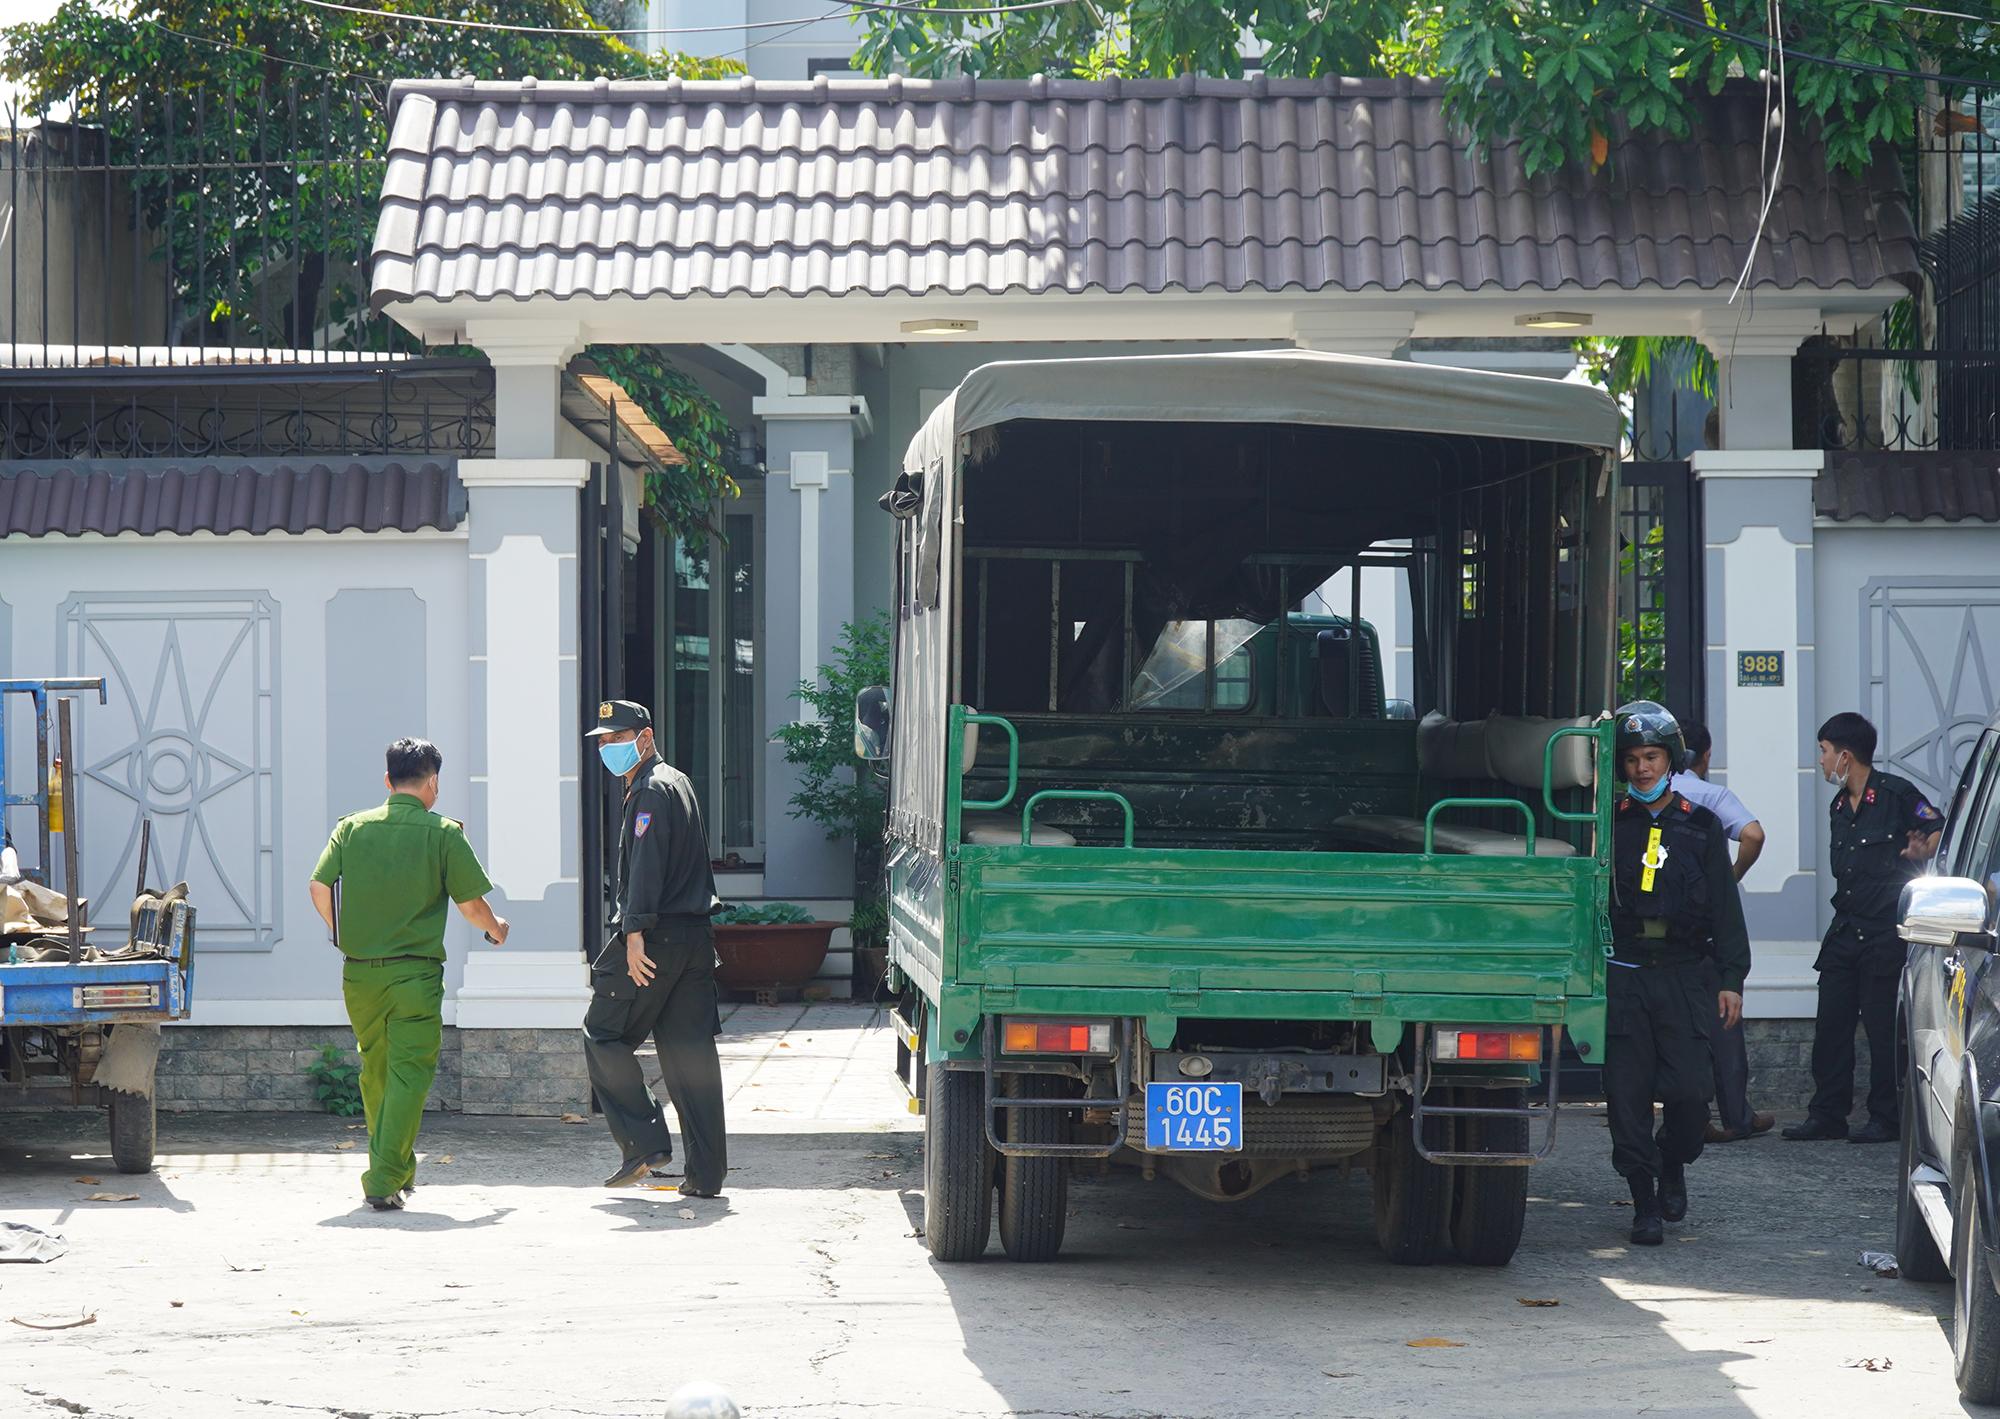 Biệt thự mặt tiền ở đường Đồng Khởi được cho là nhà của chủ cây xăng bị phong tỏa bị khám xét. Ảnh: Phước Tuấn